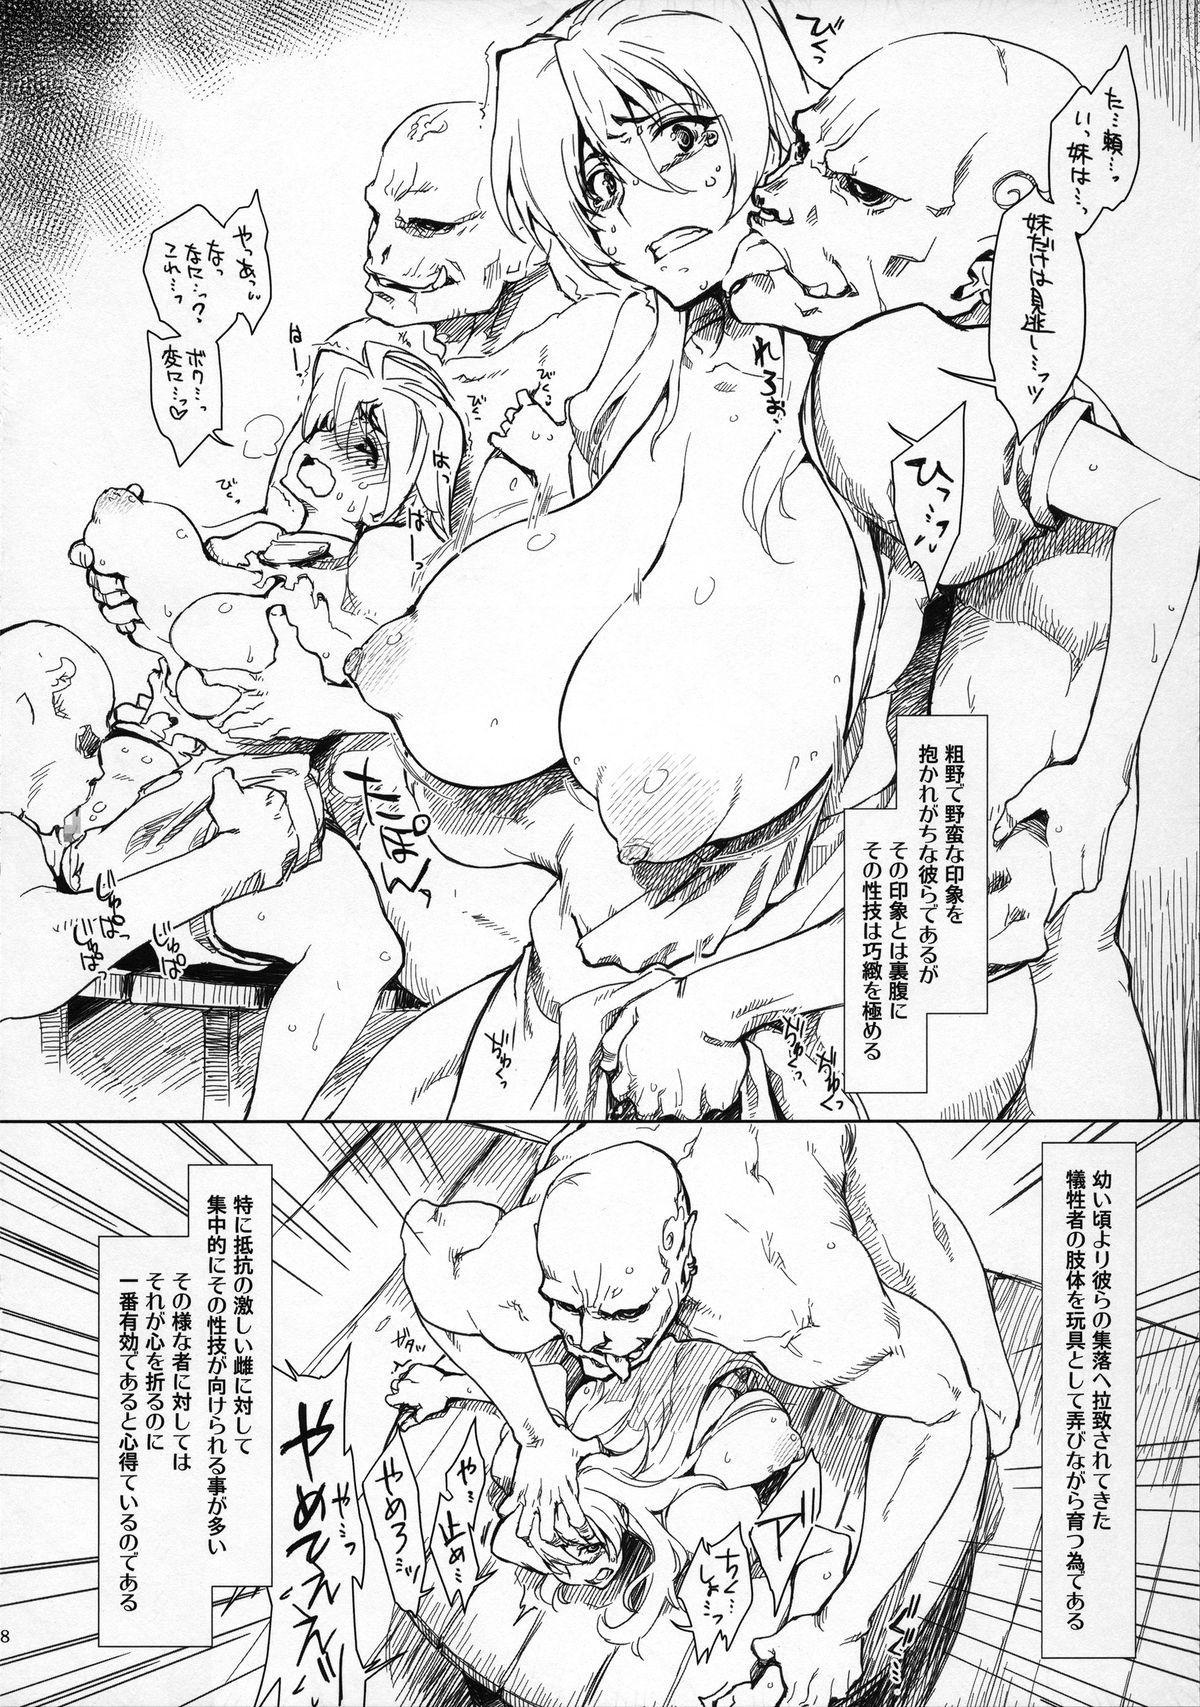 Banzoku Kyouraku 6